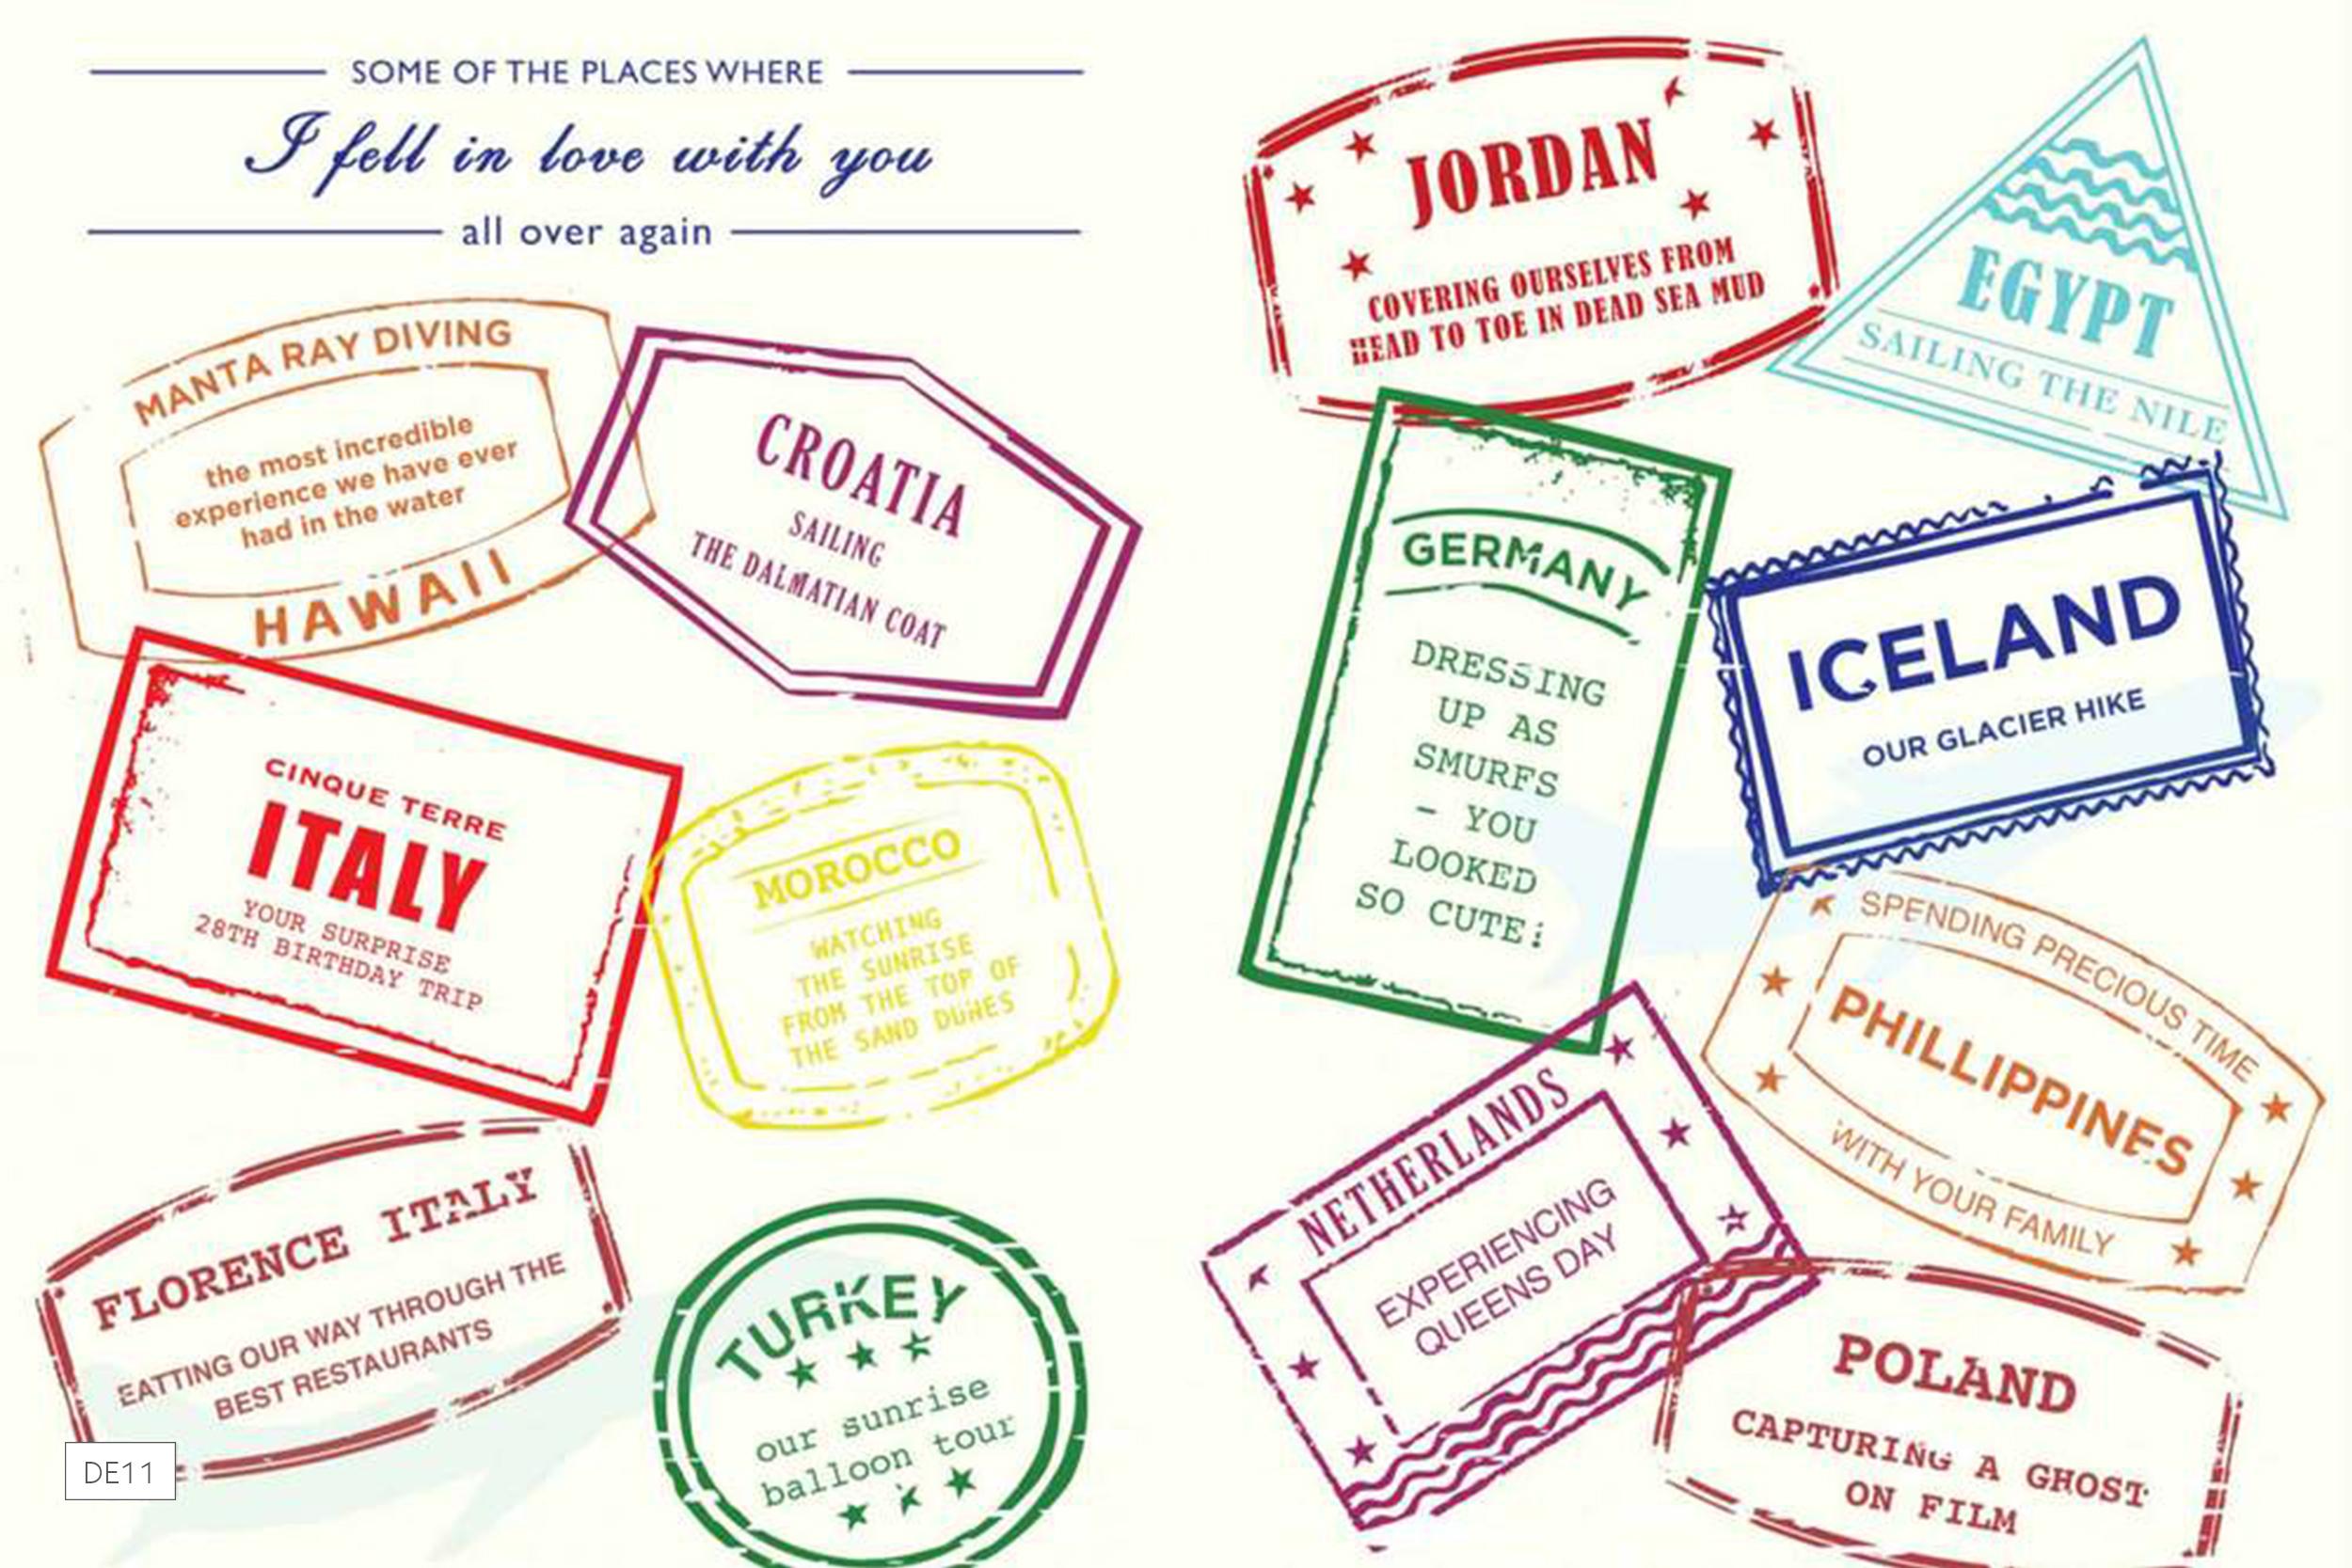 DE11-Destination-Weddings1_ananyacards.com.jpg